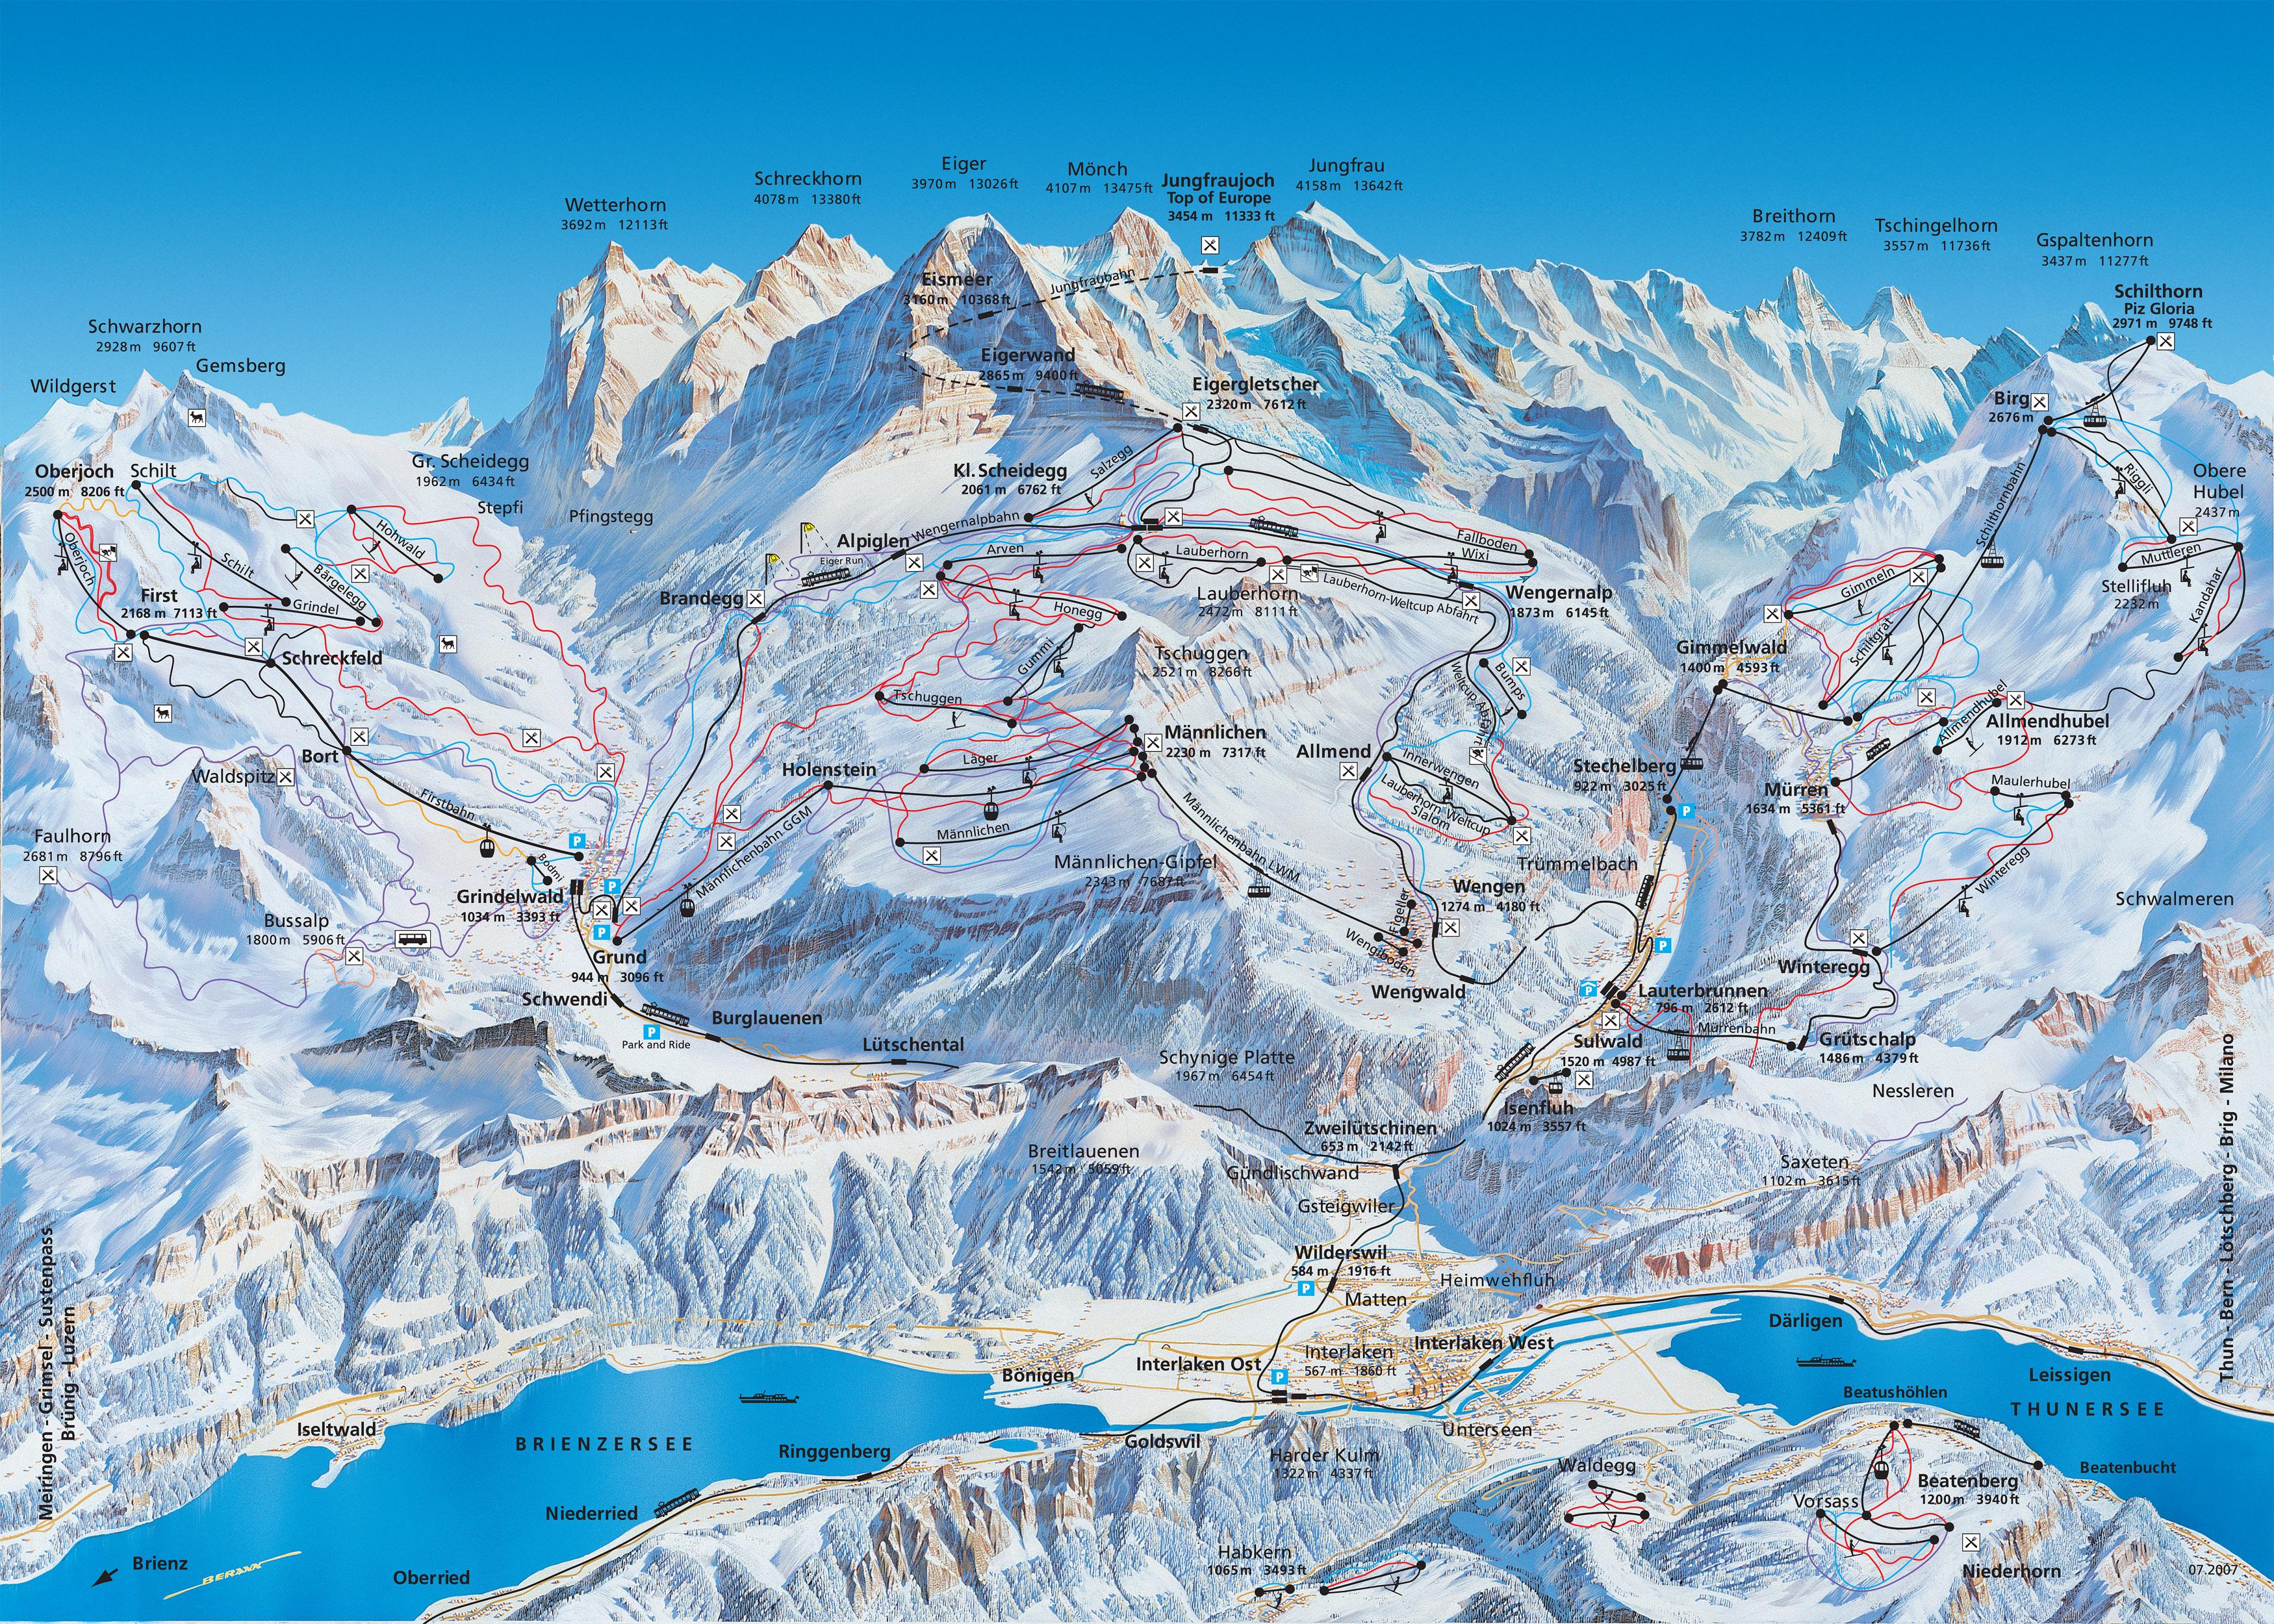 Затем поездить по Свиссландии в поисках прочих красот.  Вербье нам...  Grindelwald, St.Moritz, Aletsch и. Leukerbad.